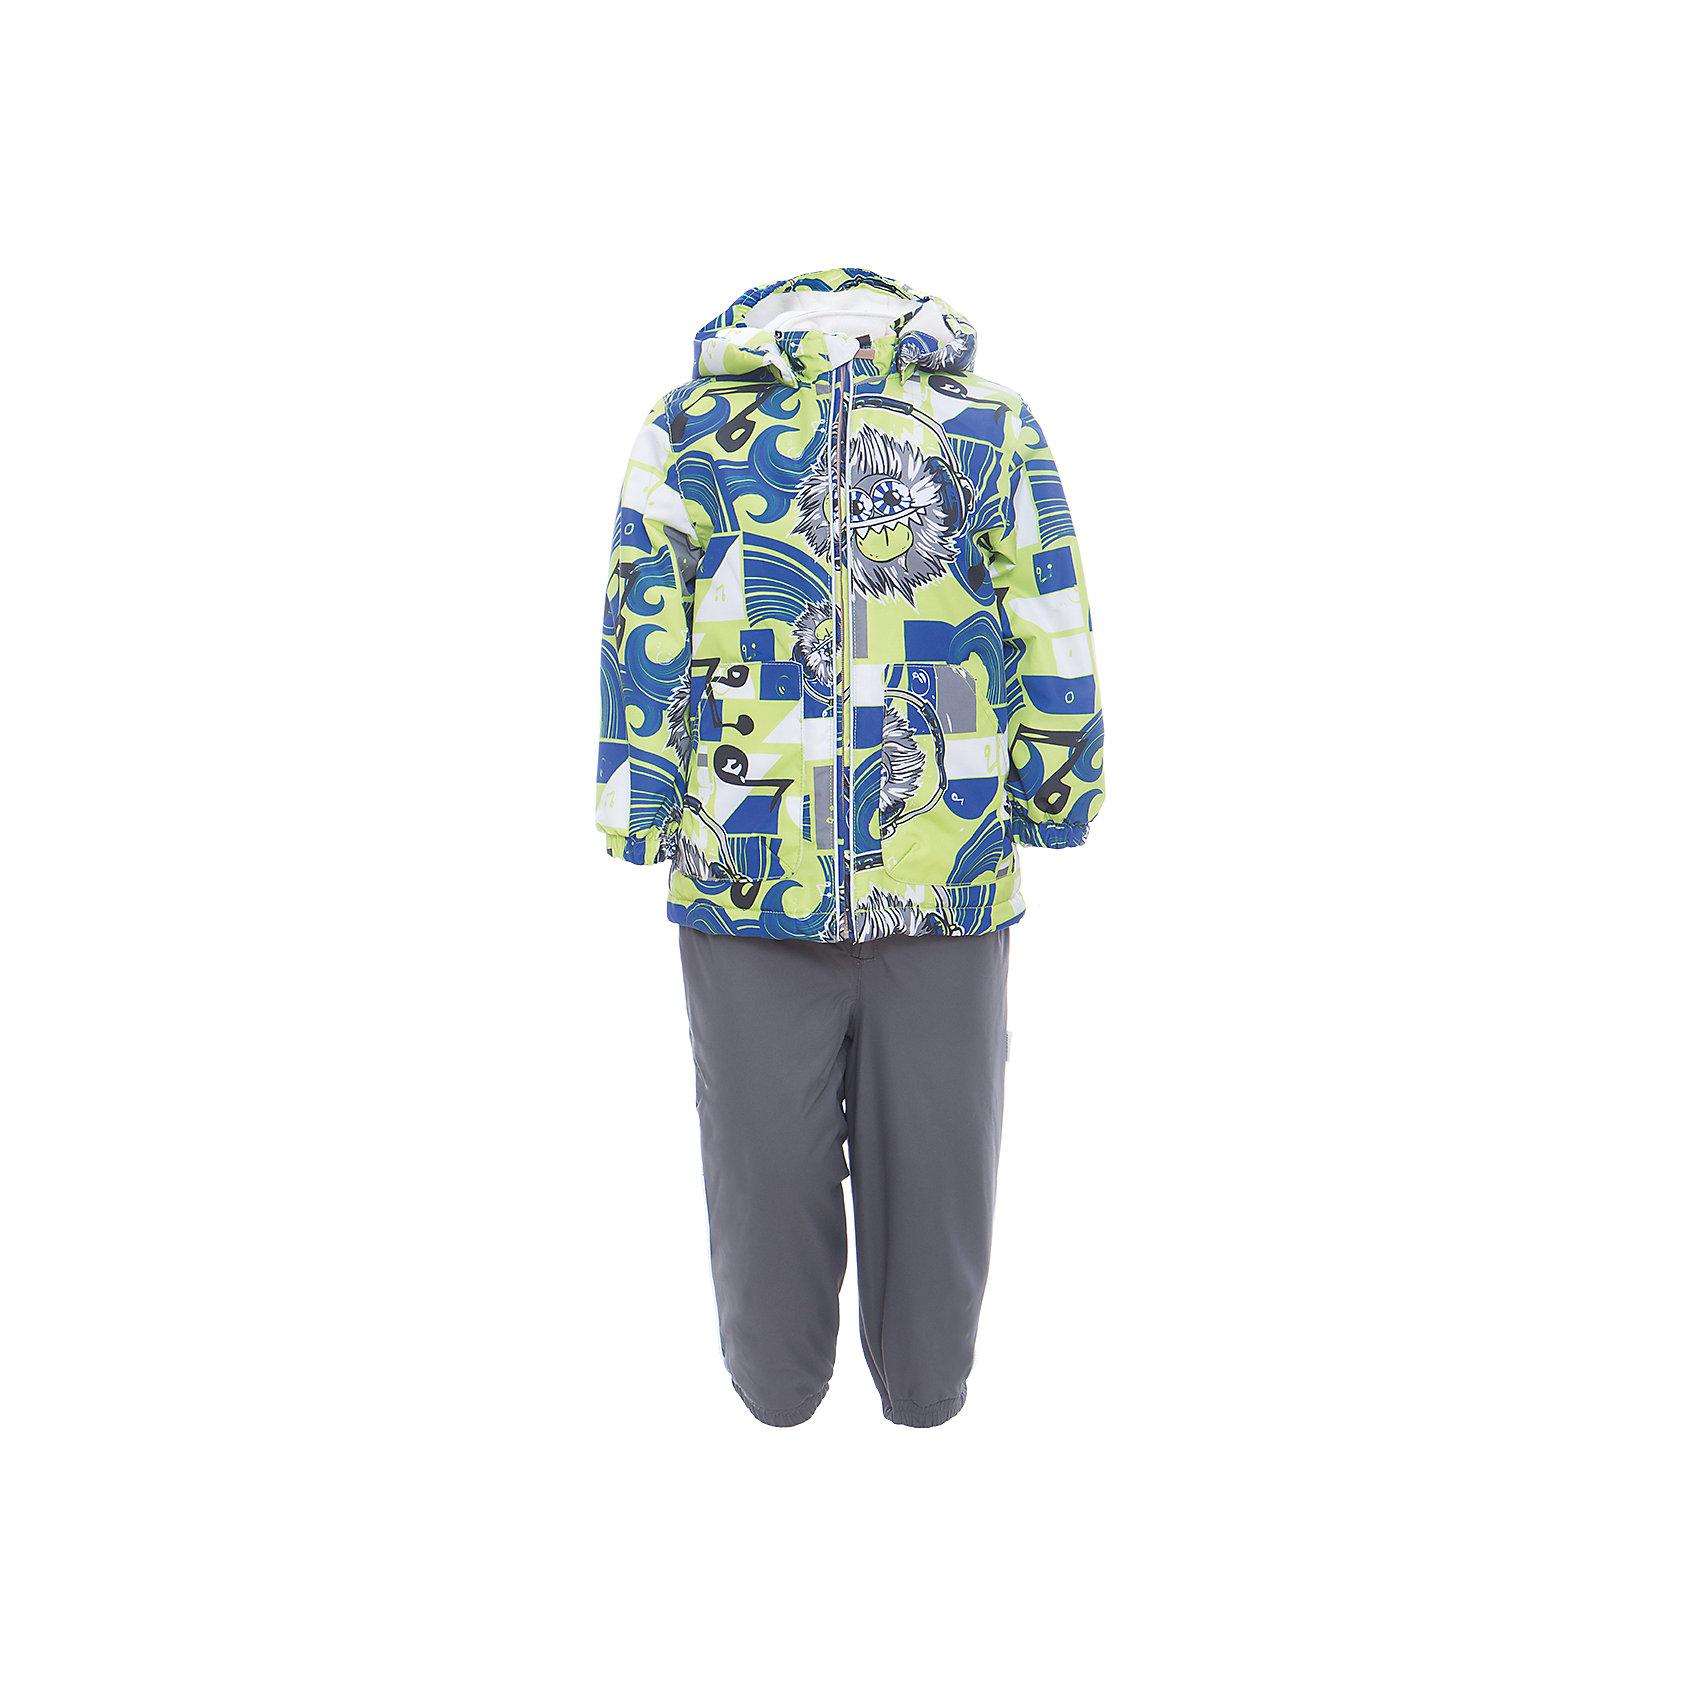 Комплект: куртка и полукомбинезон для мальчика CARLO HuppaВерхняя одежда<br>Характеристики товара:<br><br>• цвет: лайм принт/серый<br>• комплектация: куртка и полукомбинезон <br>• ткань: 100% полиэстер<br>• подкладка: тафта - 100% полиэстер<br>• утеплитель: 100% полиэстер; куртка 100 г, полукомбинезон 40 г<br>• температурный режим: от -5°С до +10°С<br>• водонепроницаемость: 10000 мм<br>• воздухопроницаемость: 10000 мм<br>• светоотражающие детали<br>• шов сидения проклеен<br>• съёмный капюшон с резинкой<br>• эластичные манжеты на рукавах<br>• манжеты брюк с резинкой<br>• съёмные эластичные штрипки<br>• без внутренних швов<br>• резиновые подтяжки<br>• коллекция: весна-лето 2017<br>• страна бренда: Эстония<br><br>Такой модный демисезонный комплект  обеспечит детям тепло и комфорт. Он сделан из материала, отталкивающего воду, и дополнен подкладкой с утеплителем, поэтому изделие идеально подходит для межсезонья. Материал изделий - с мембранной технологией: защищая от влаги и ветра, он легко выводит лишнюю влагу наружу. Комплект очень симпатично смотрится. <br><br>Одежда и обувь от популярного эстонского бренда Huppa - отличный вариант одеть ребенка можно и комфортно. Вещи, выпускаемые компанией, качественные, продуманные и очень удобные. Для производства изделий используются только безопасные для детей материалы. Продукция от Huppa порадует и детей, и их родителей!<br><br>Комплект: куртка и полукомбинезон для мальчика CARLO от бренда Huppa (Хуппа) можно купить в нашем интернет-магазине.<br><br>Ширина мм: 356<br>Глубина мм: 10<br>Высота мм: 245<br>Вес г: 519<br>Цвет: зеленый<br>Возраст от месяцев: 48<br>Возраст до месяцев: 60<br>Пол: Мужской<br>Возраст: Детский<br>Размер: 110,80,86,92,98,104<br>SKU: 5346718